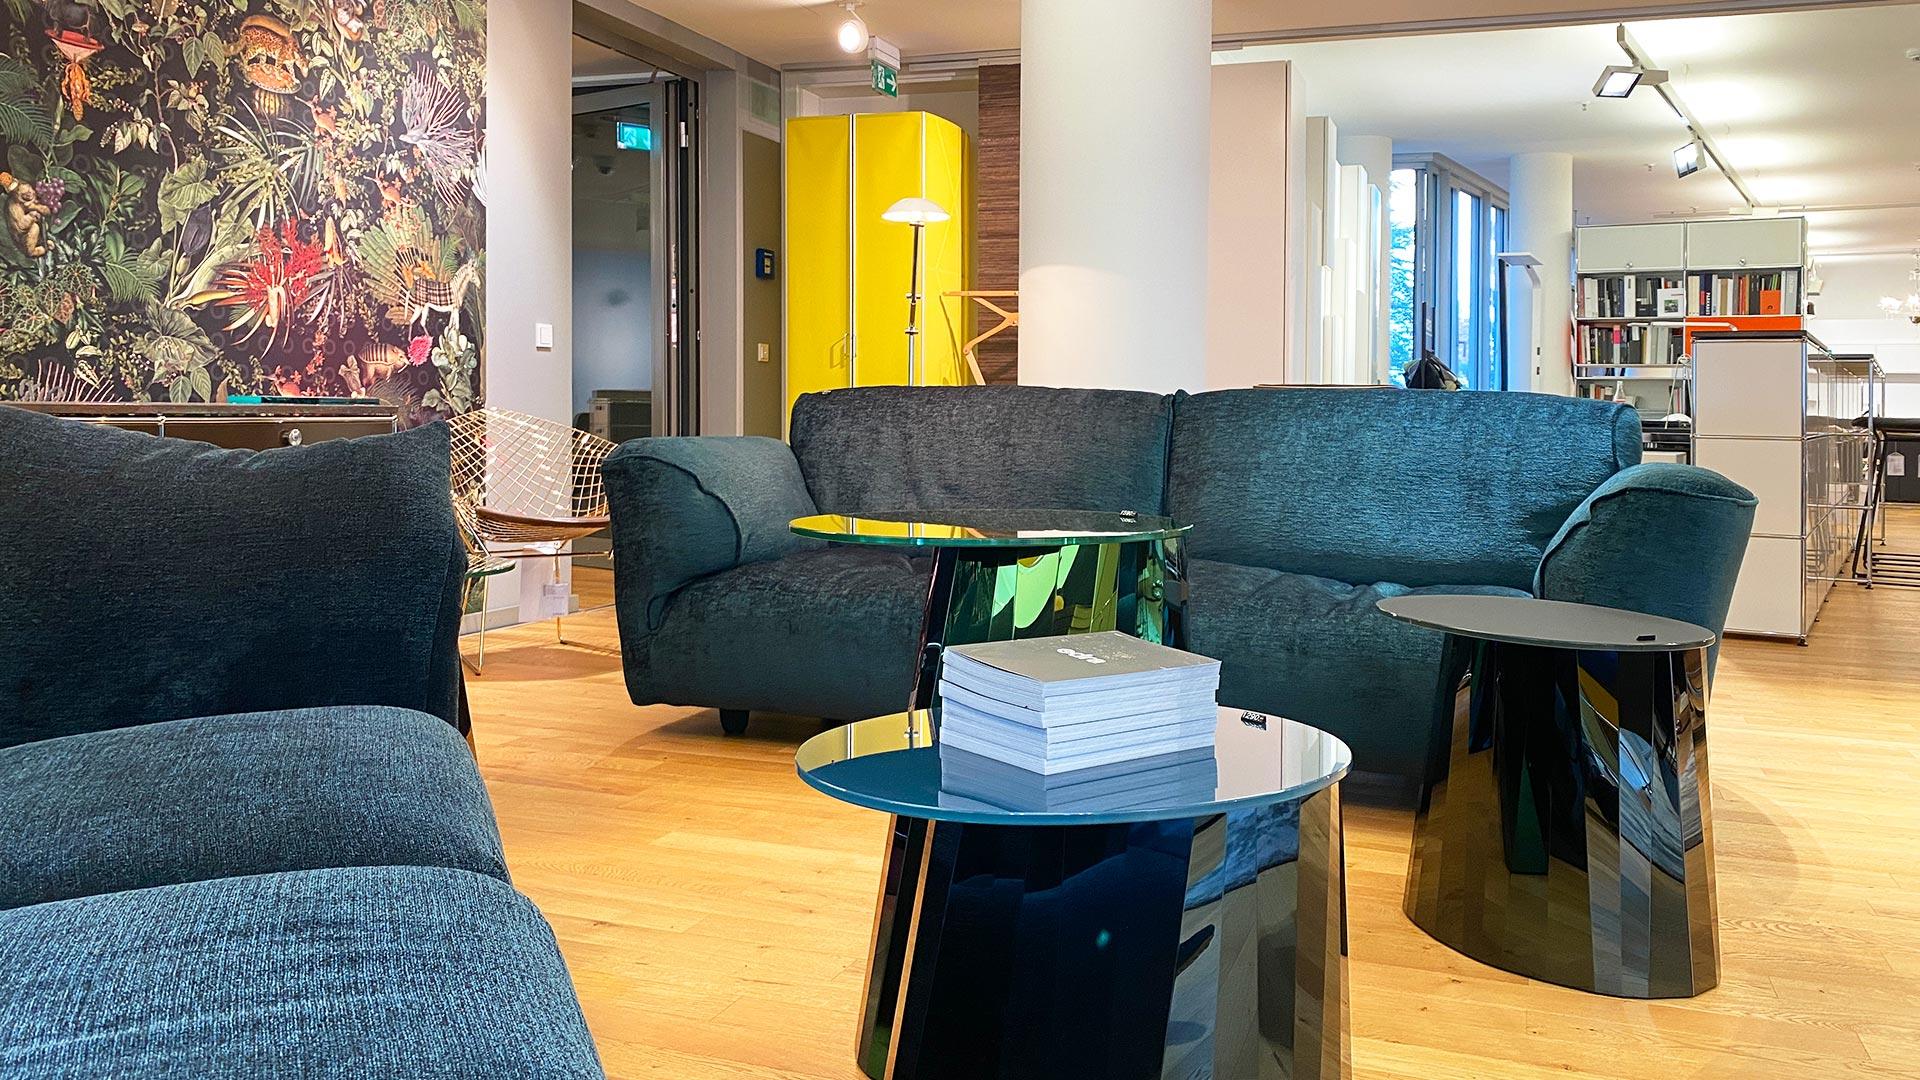 Edra Sofa + Classicon Tische in Berlin bei steidten+